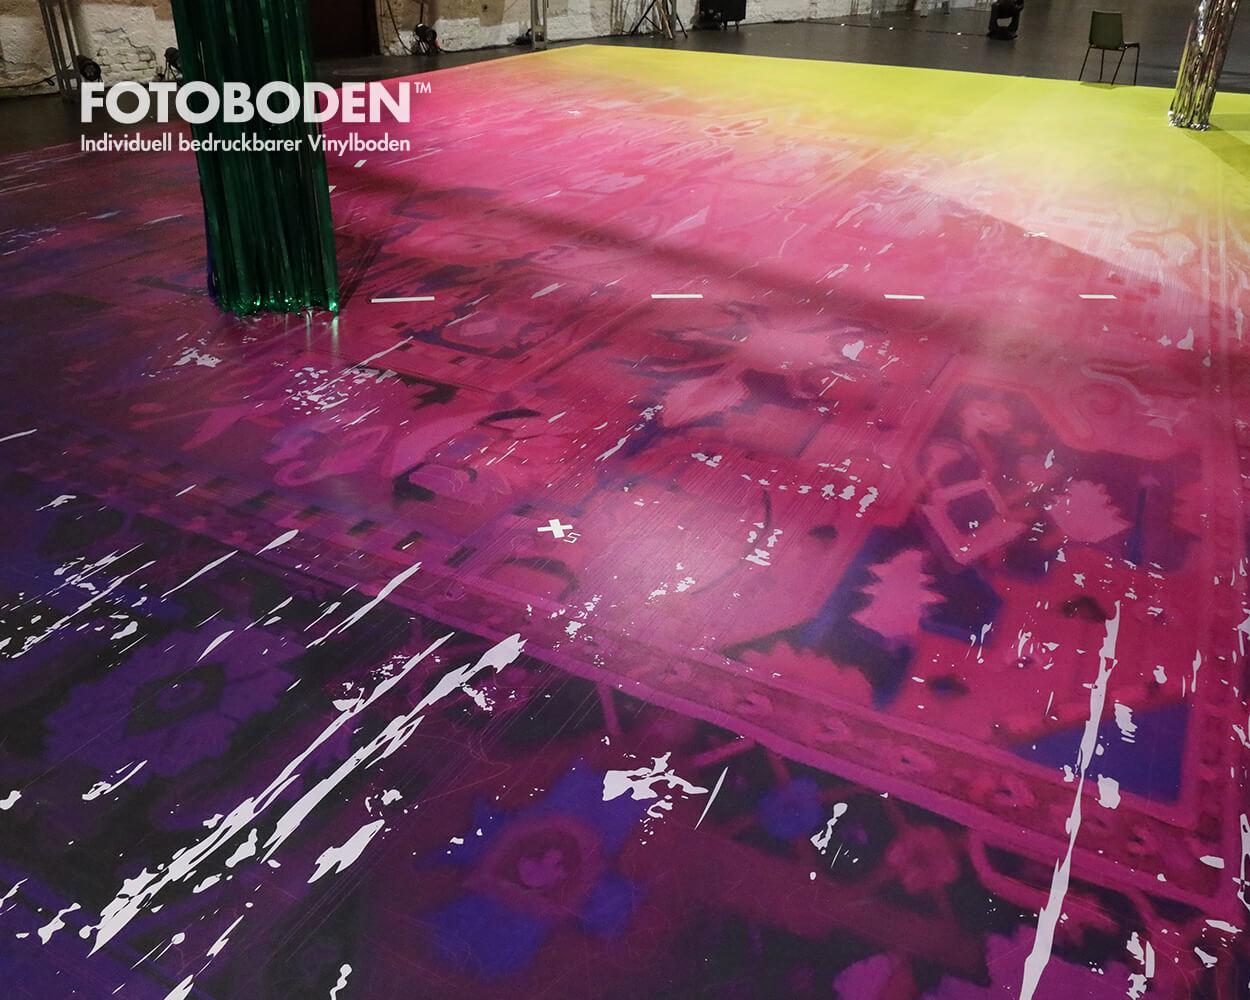 Fotodruck Fussbodengestaltung Bühnenbau